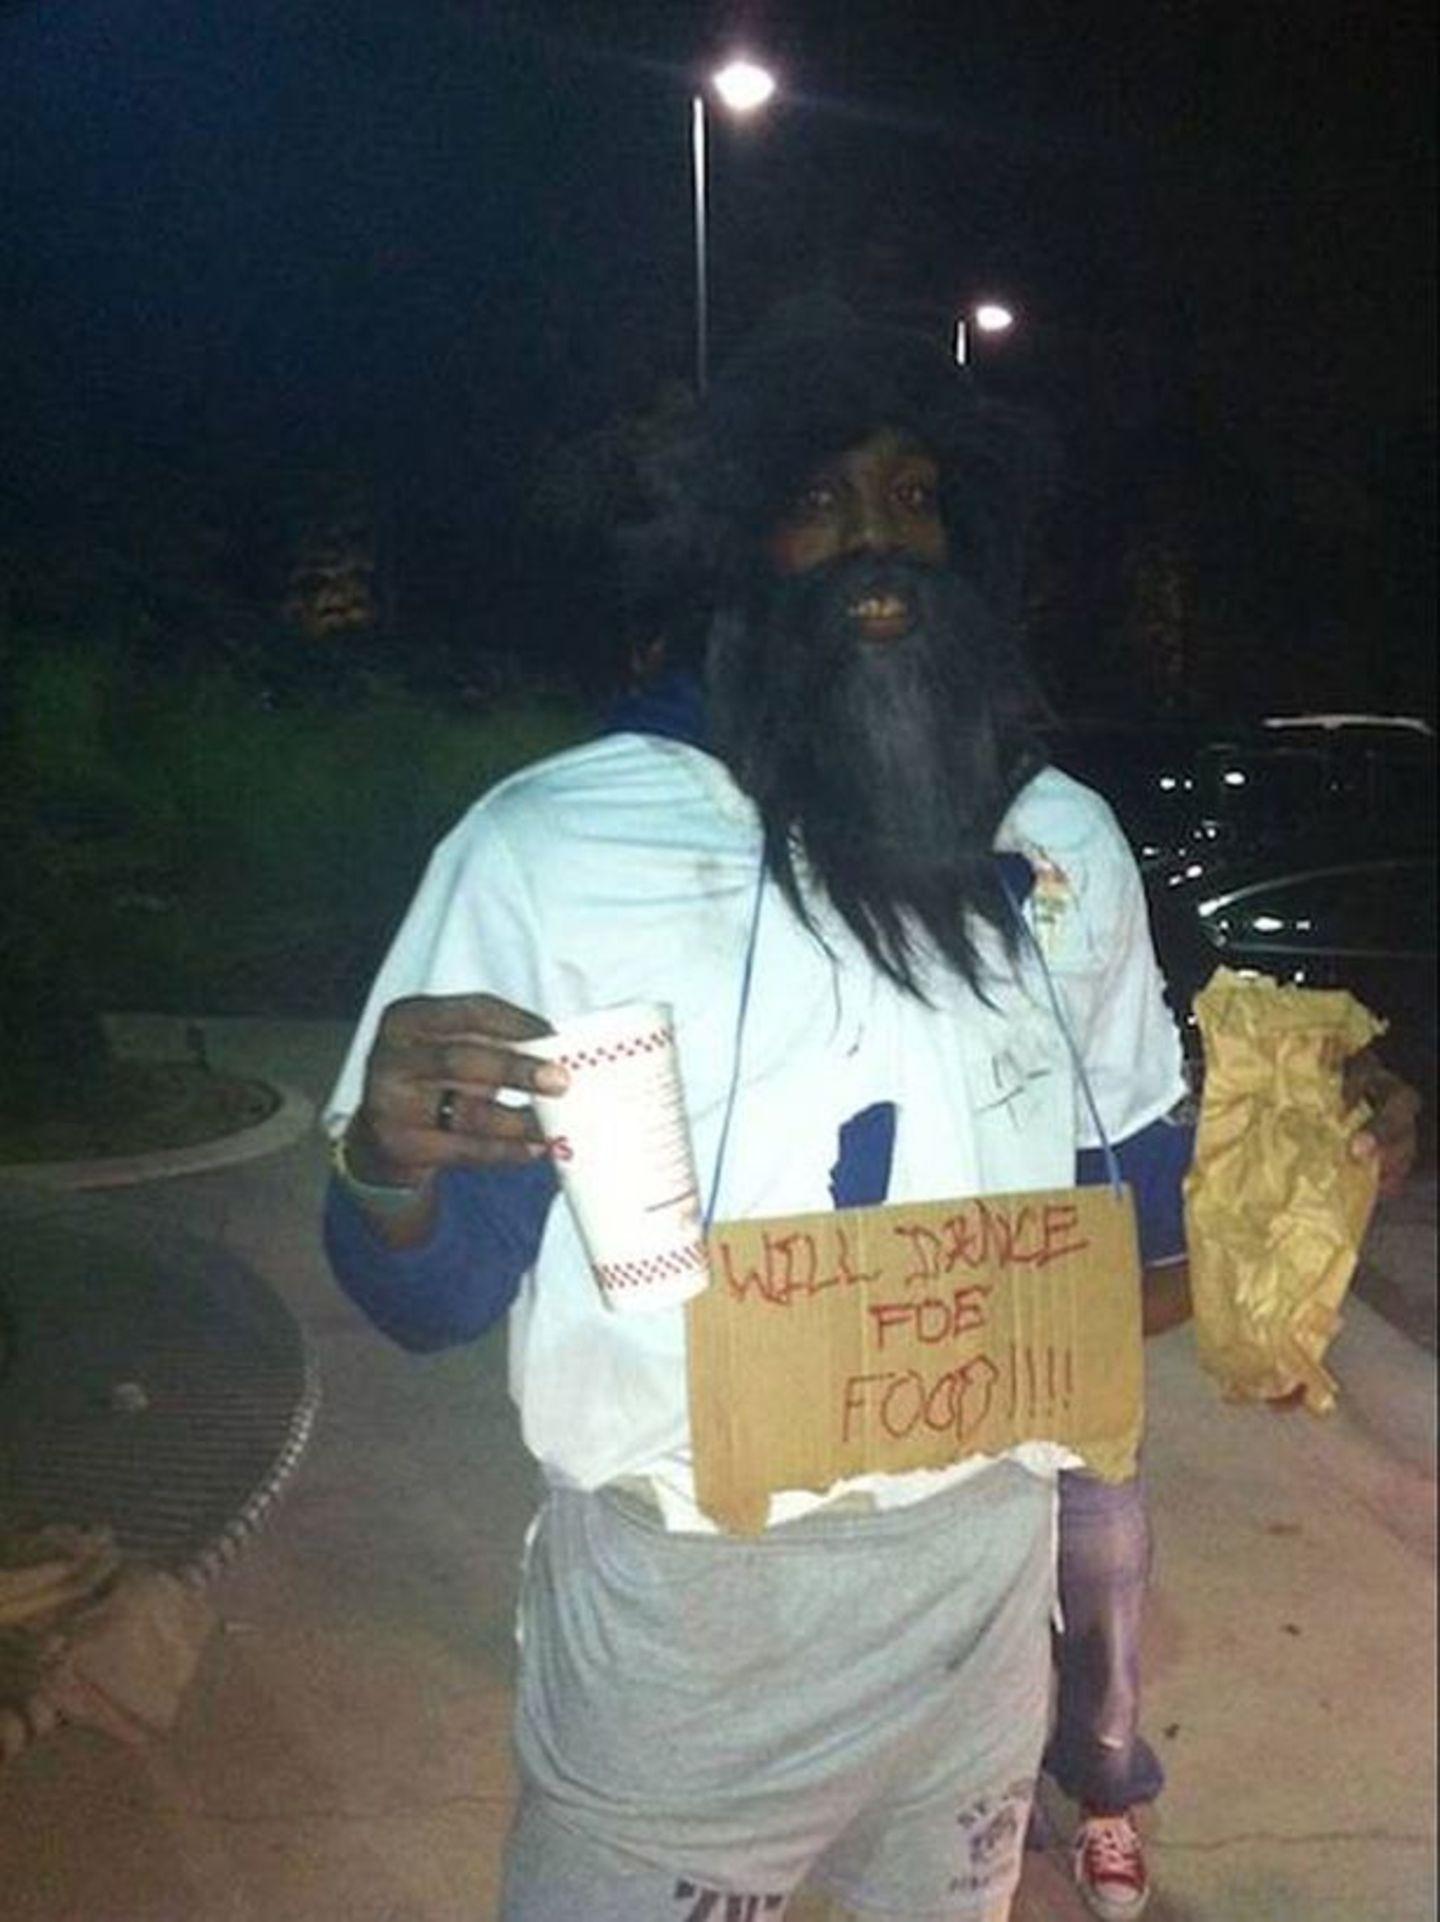 NBA-Star Dwight Howard hat mal so richtig ins Fettnäpfchen getreten: Ein Multimillionär in Obdachlosenverkleidung? Ganz schlechte Idee!